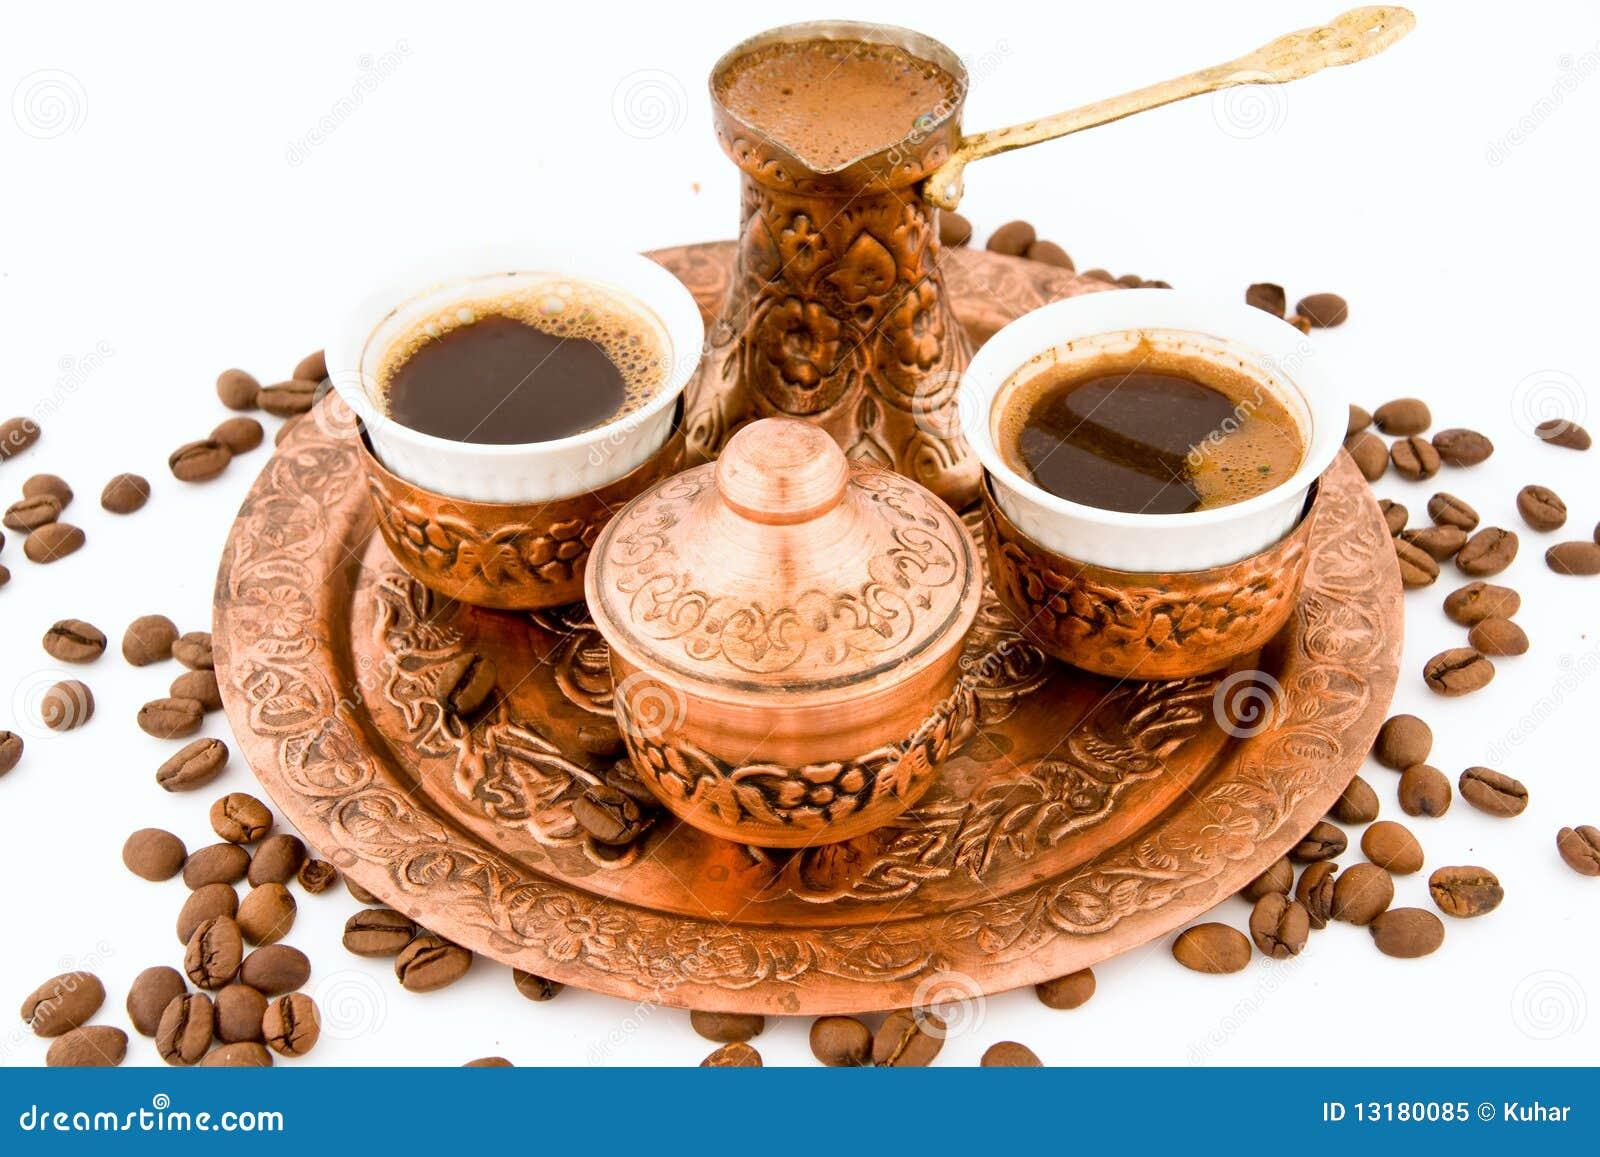 antikes kaffee set stockbild bild von eingeboren klein 13180085. Black Bedroom Furniture Sets. Home Design Ideas